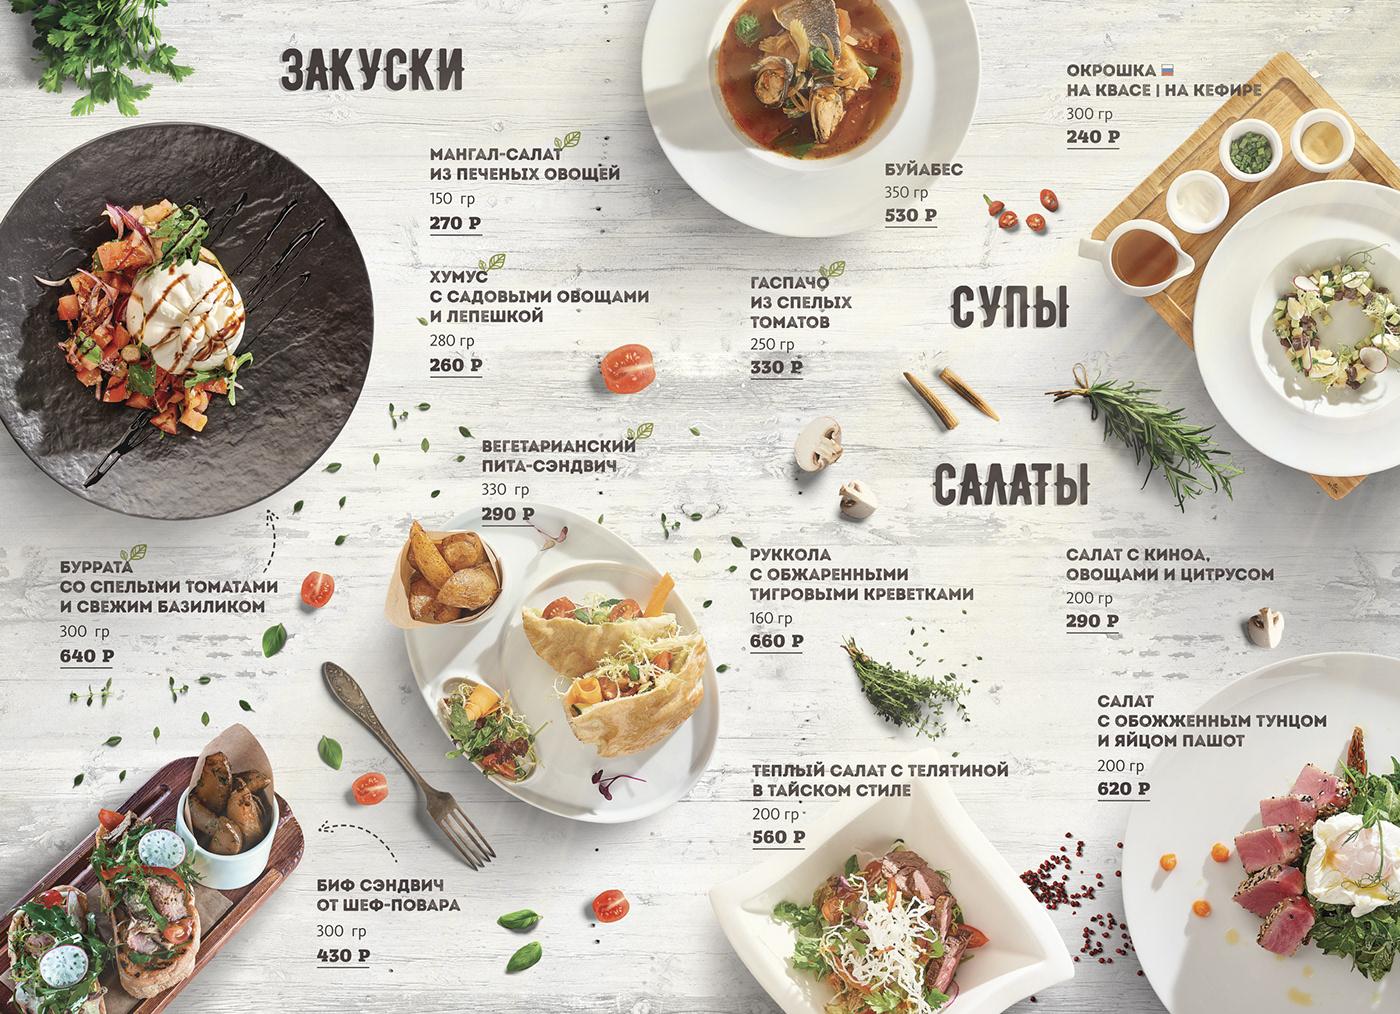 restaurant menu menu foodmenu foodphoto